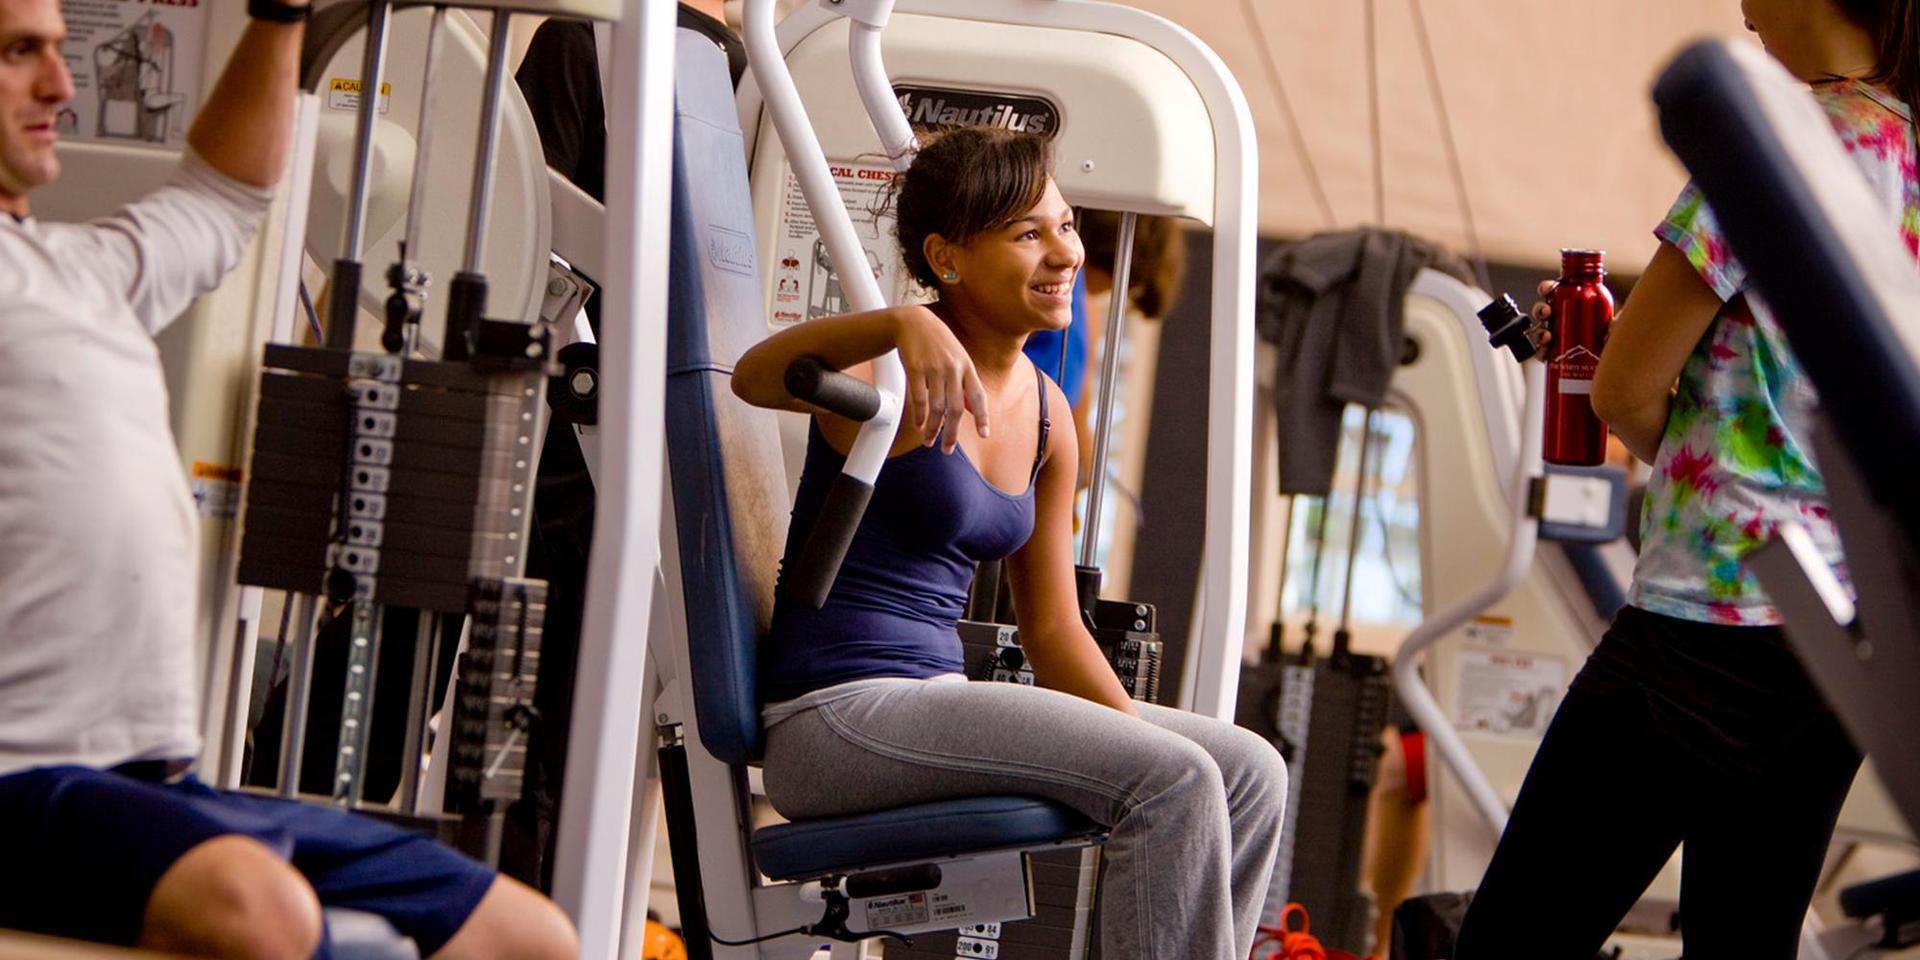 社区成员在健身房使用健身器材.